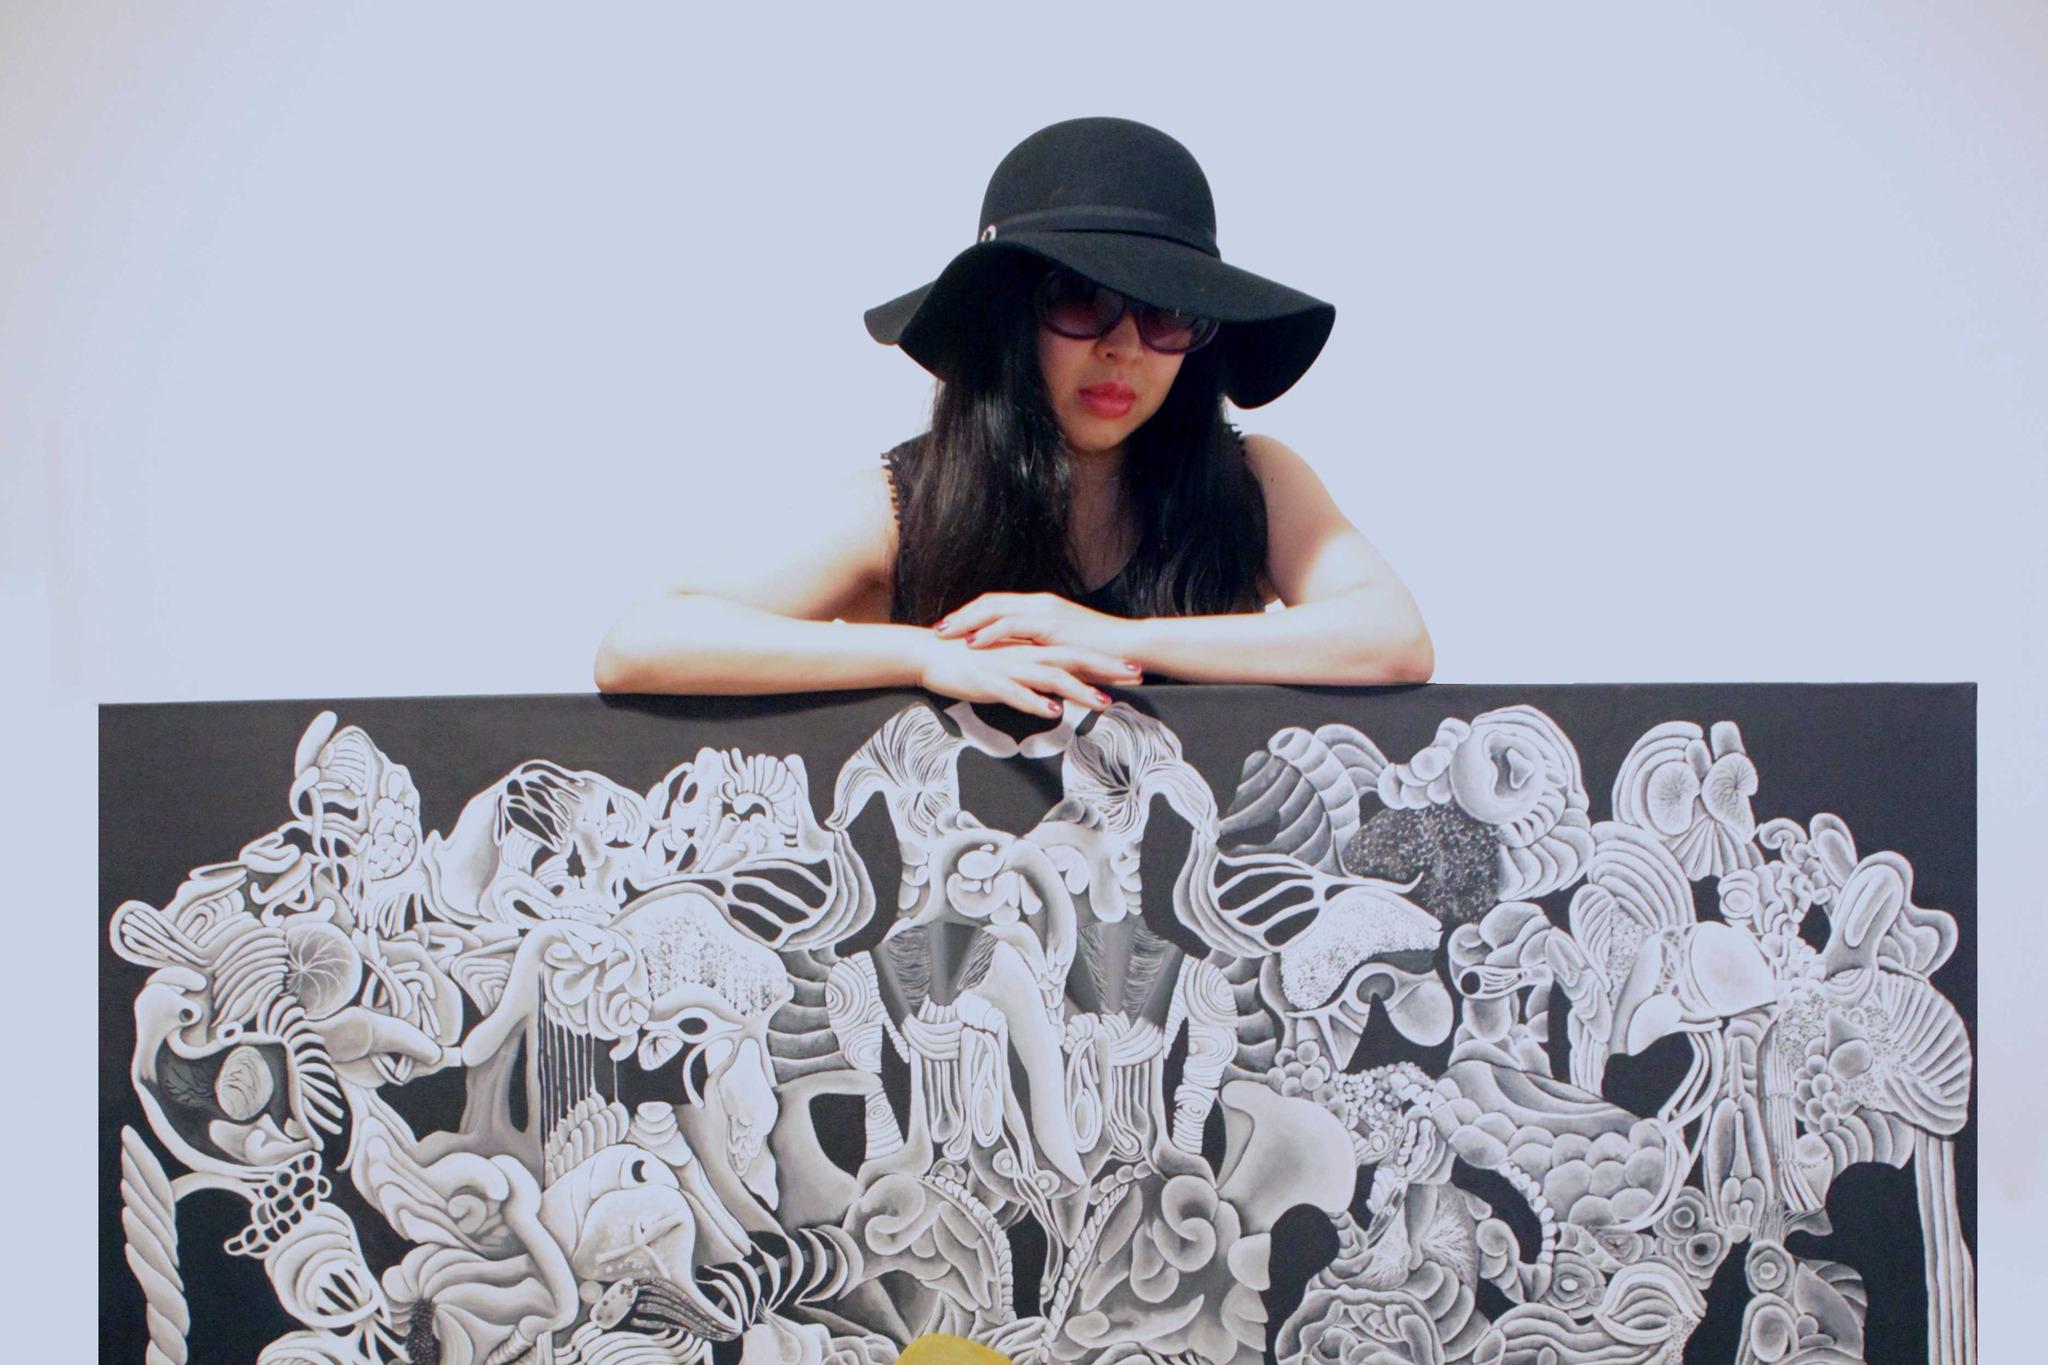 Yoshiko Ohara